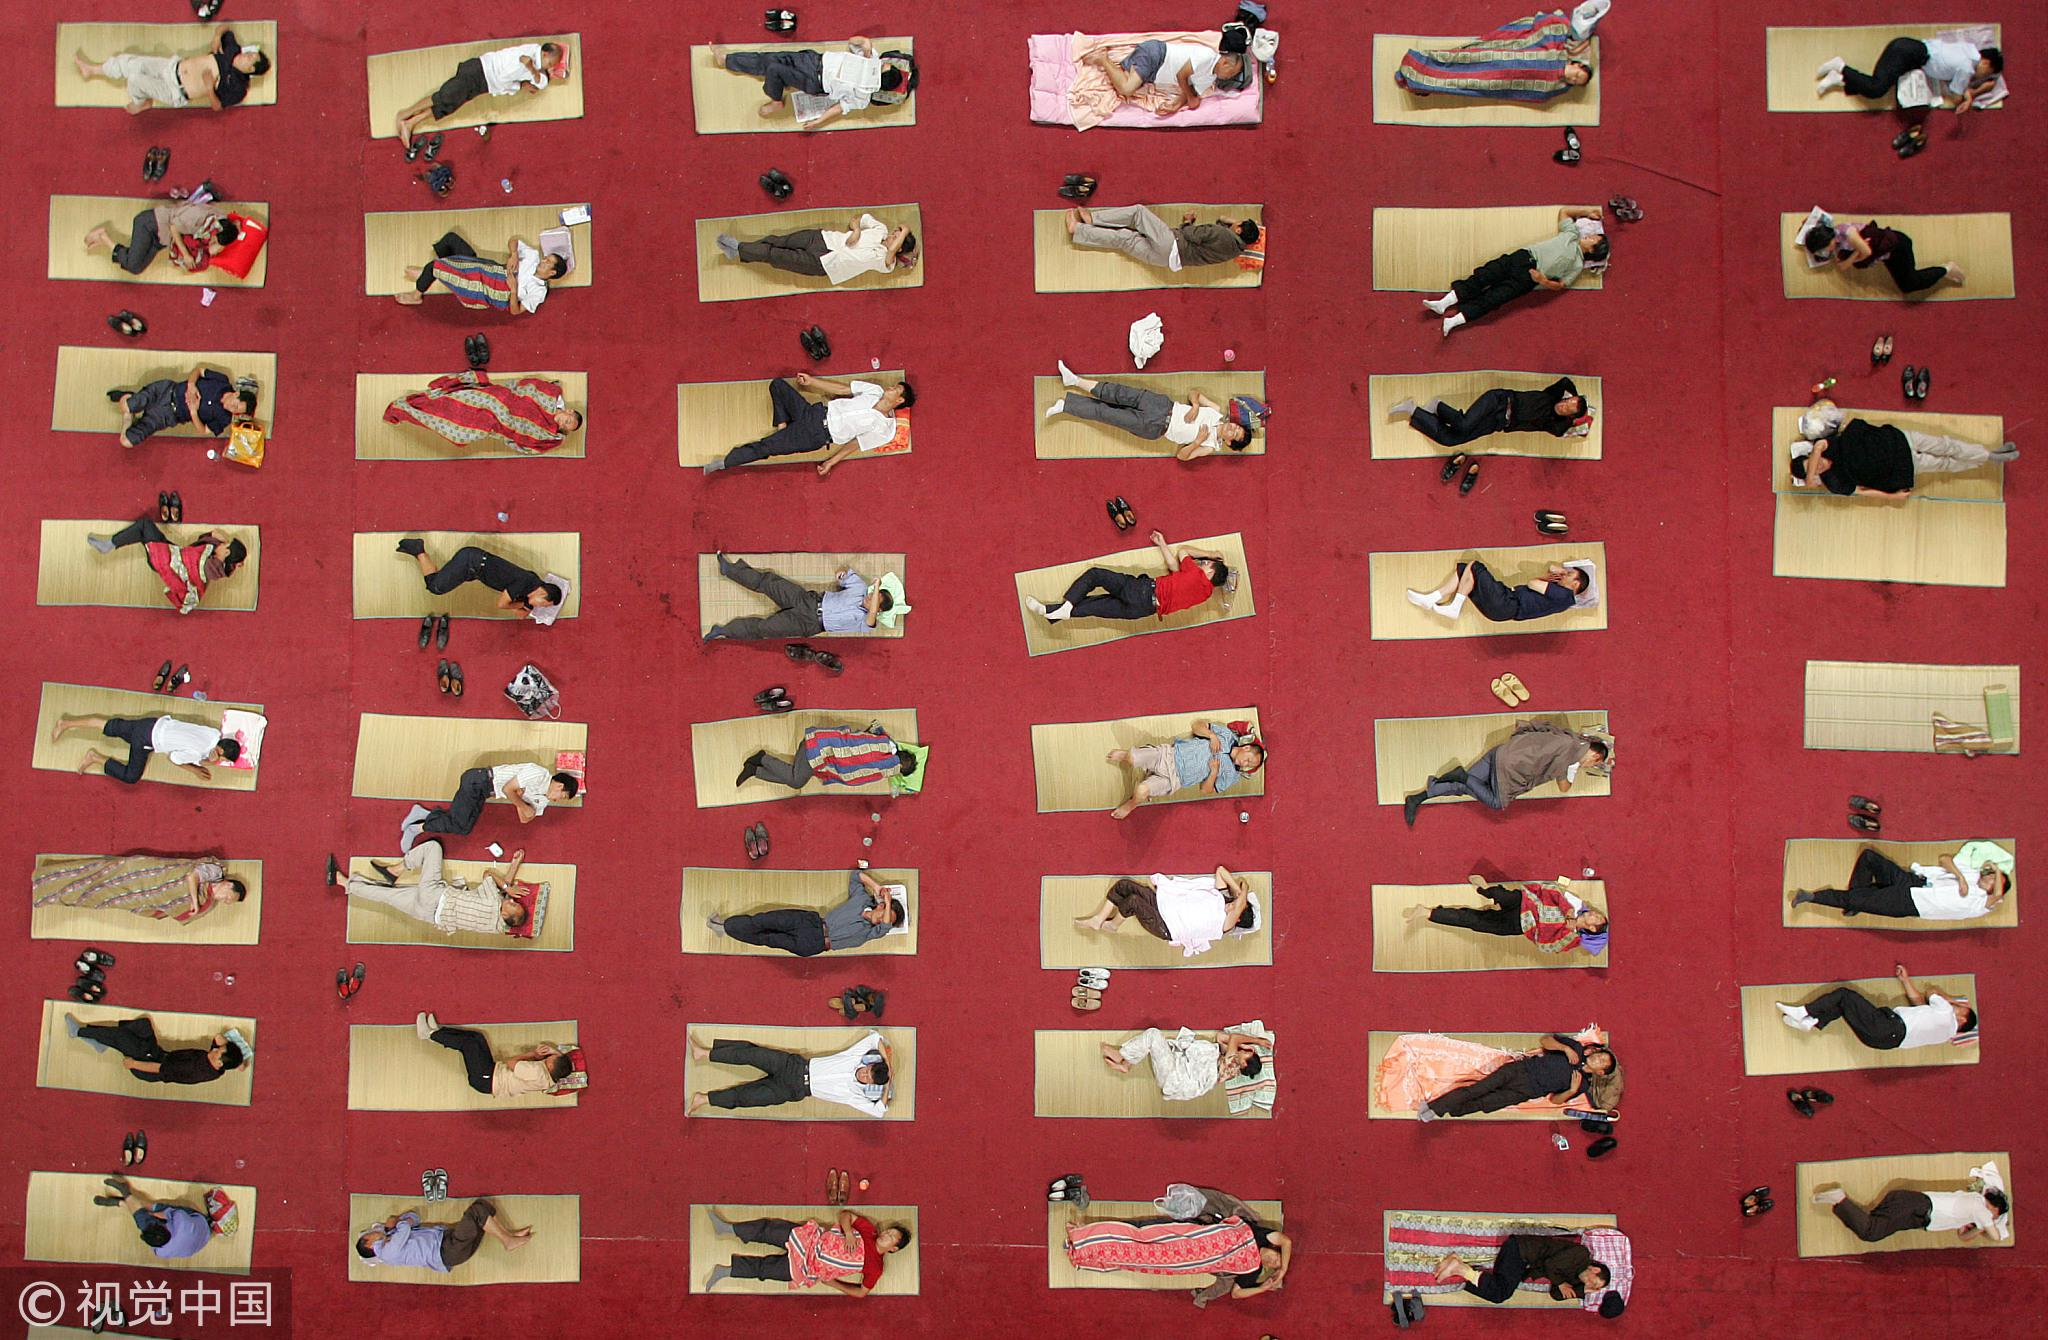 2007年9月3日,华中师范大学在开学首日为350名贫困生家长提供免费住宿。/ 视觉中国